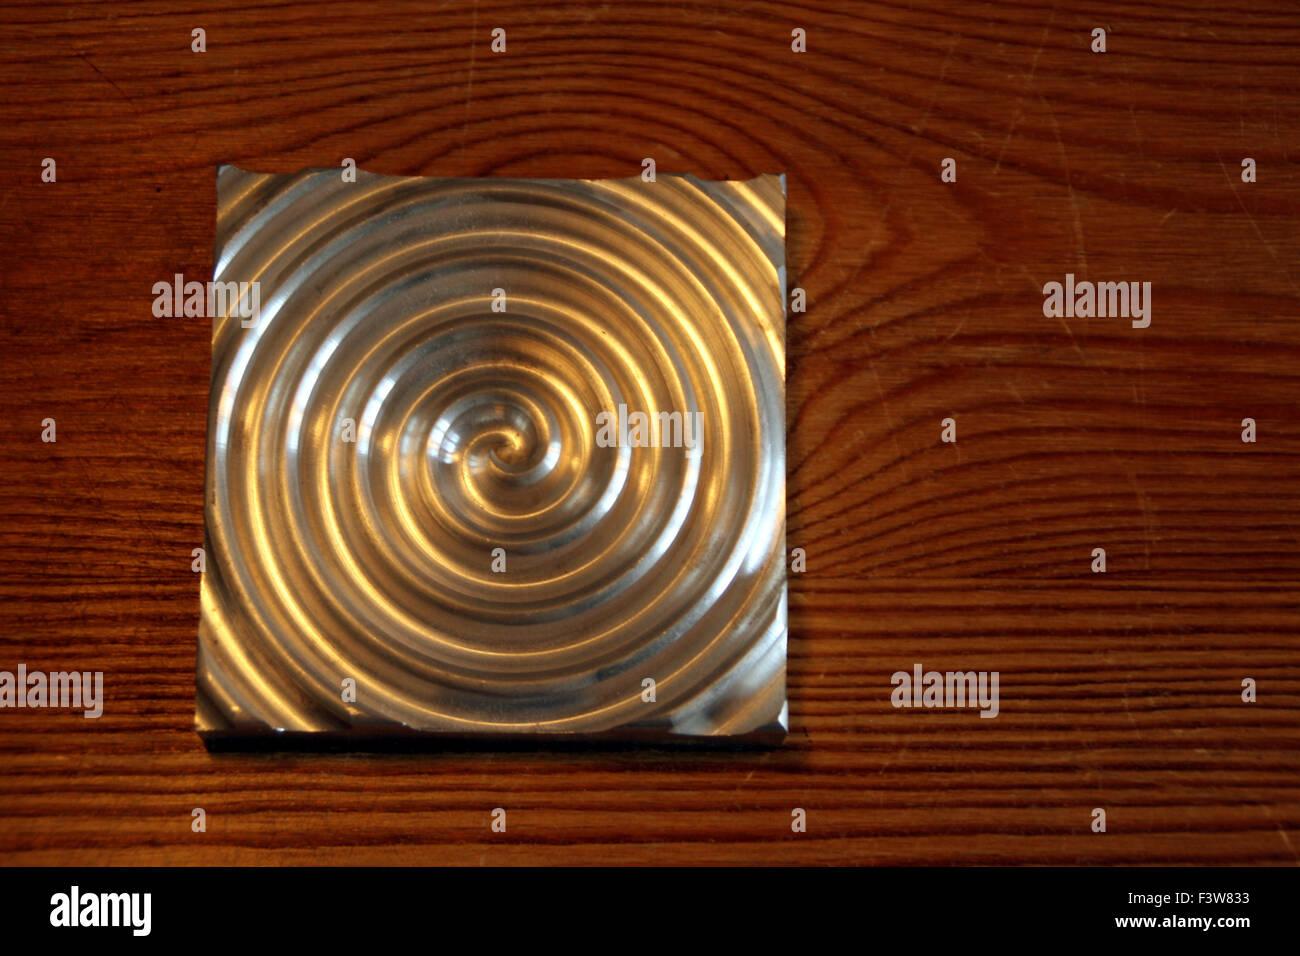 aluminium circle Stock Photo